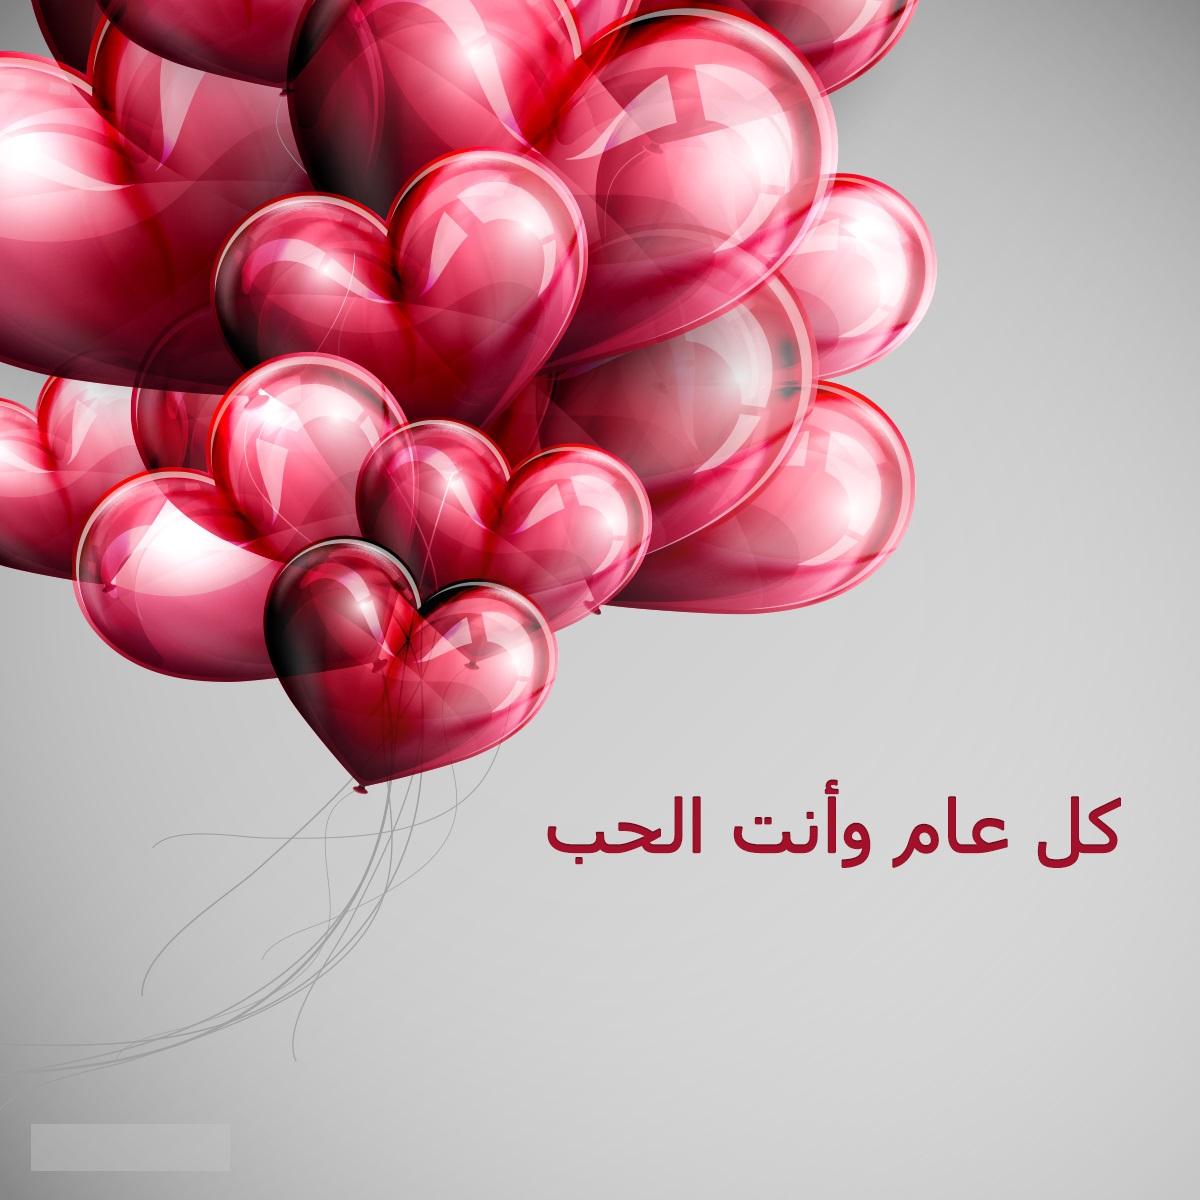 بالصور كلمات لعيد ميلاد حبيبي فيس بوك , اجمل كلمات لعيد ميلاد حبيبي 1657 9